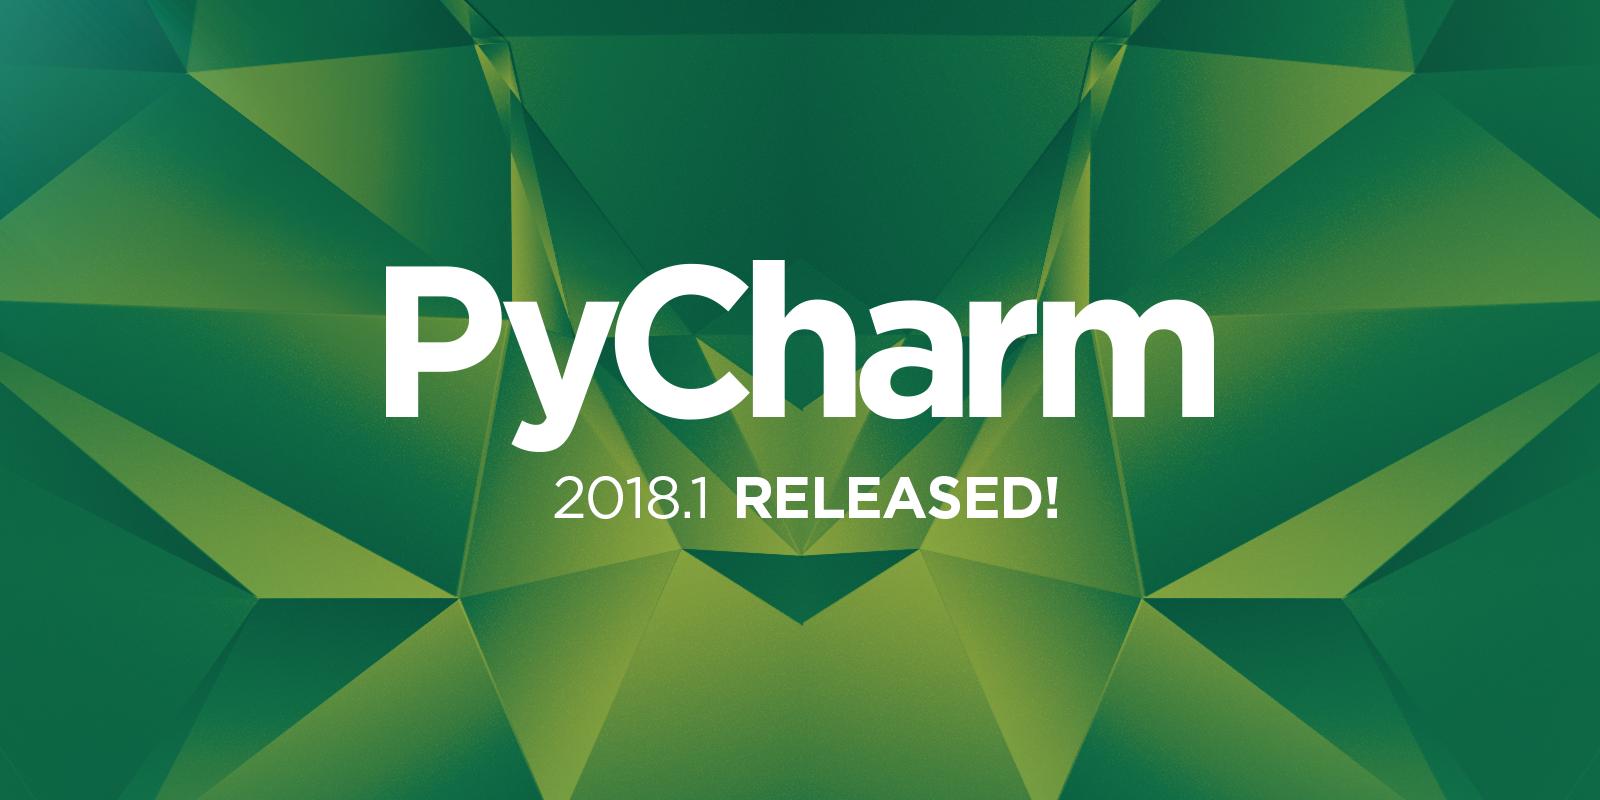 PyCharm 2018.1